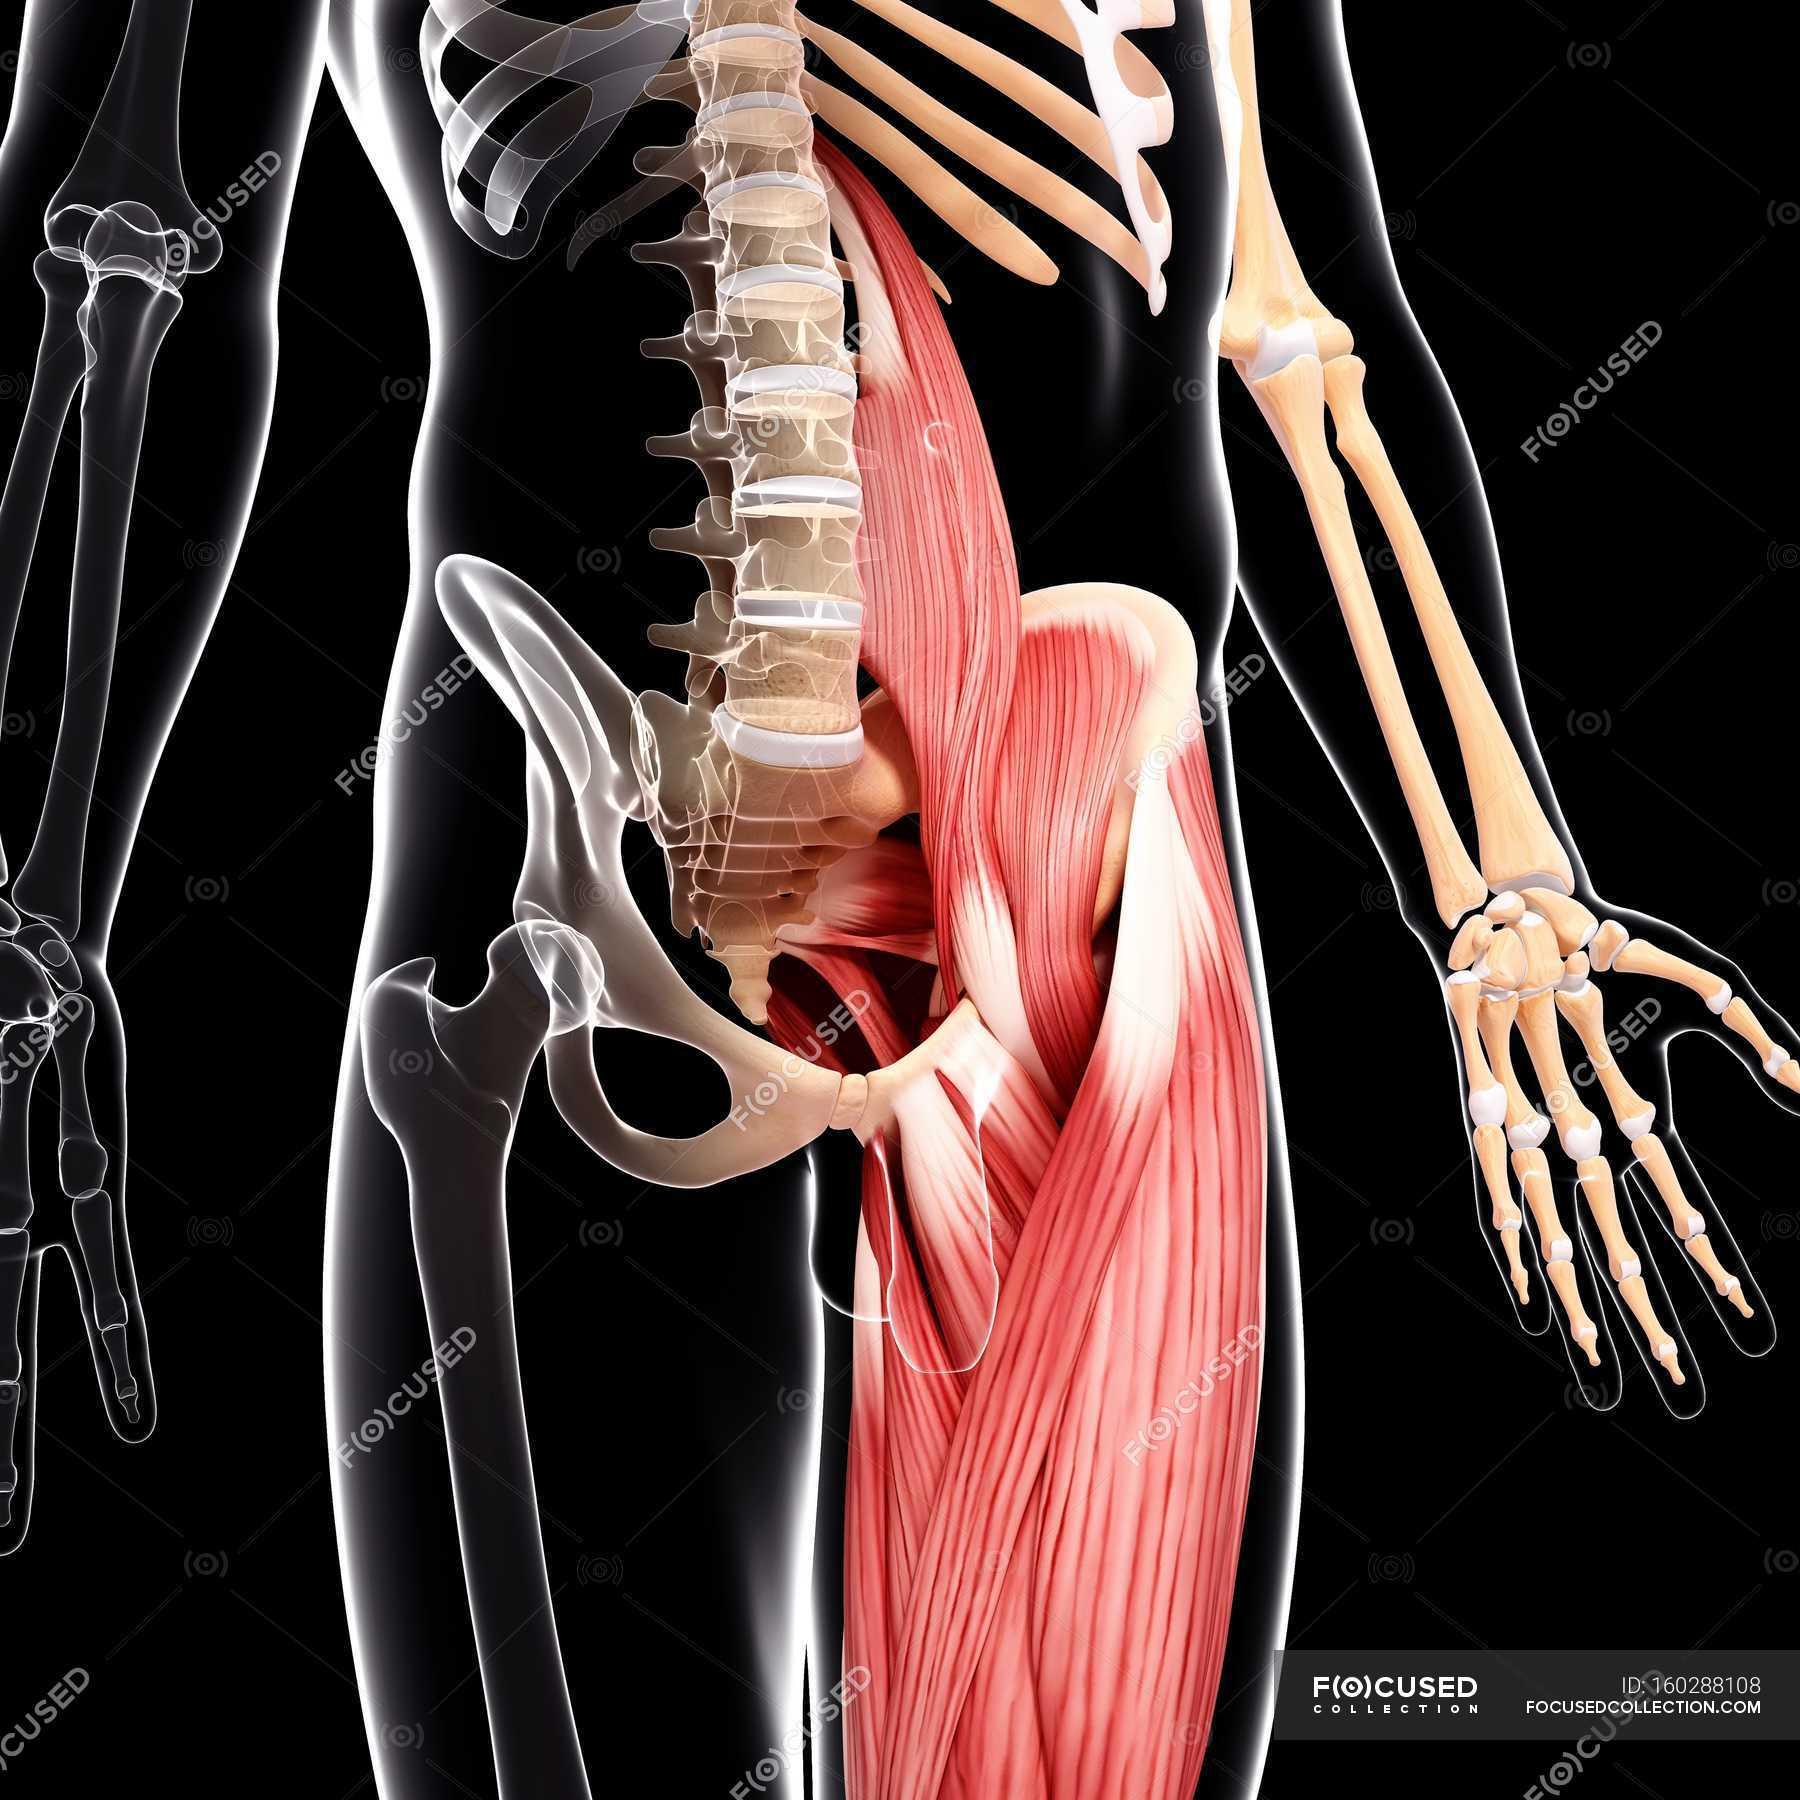 Menschlichen Hüfte Muskulatur — Stockfoto | #160288108